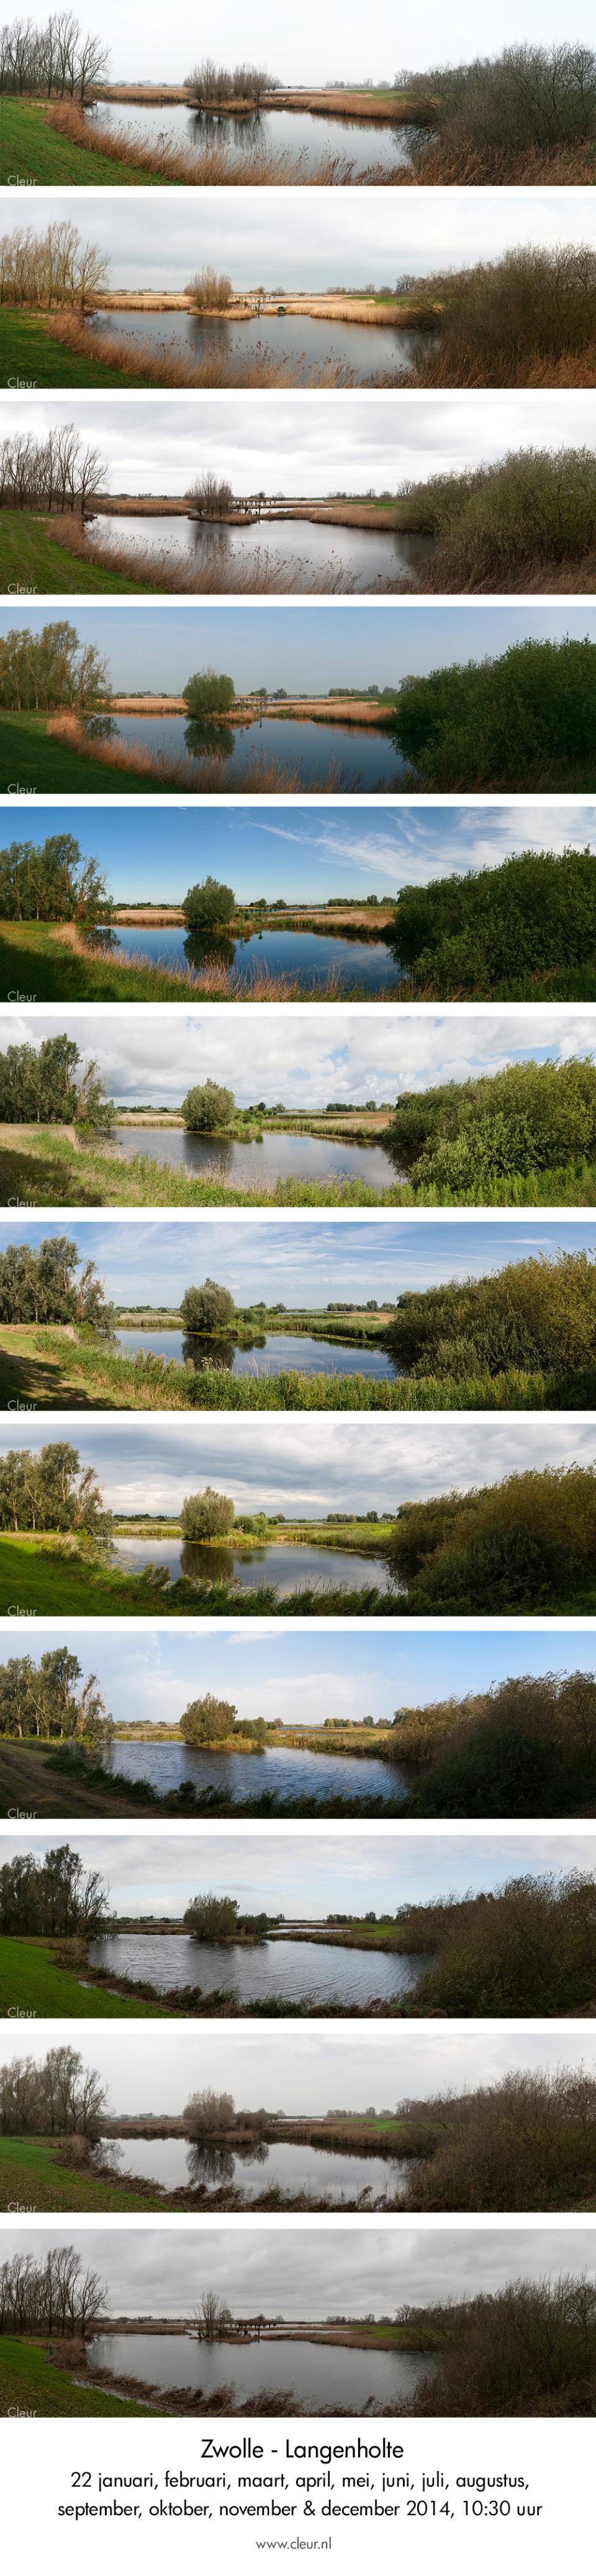 jaarproject 2014 Langenholte, locatie 2